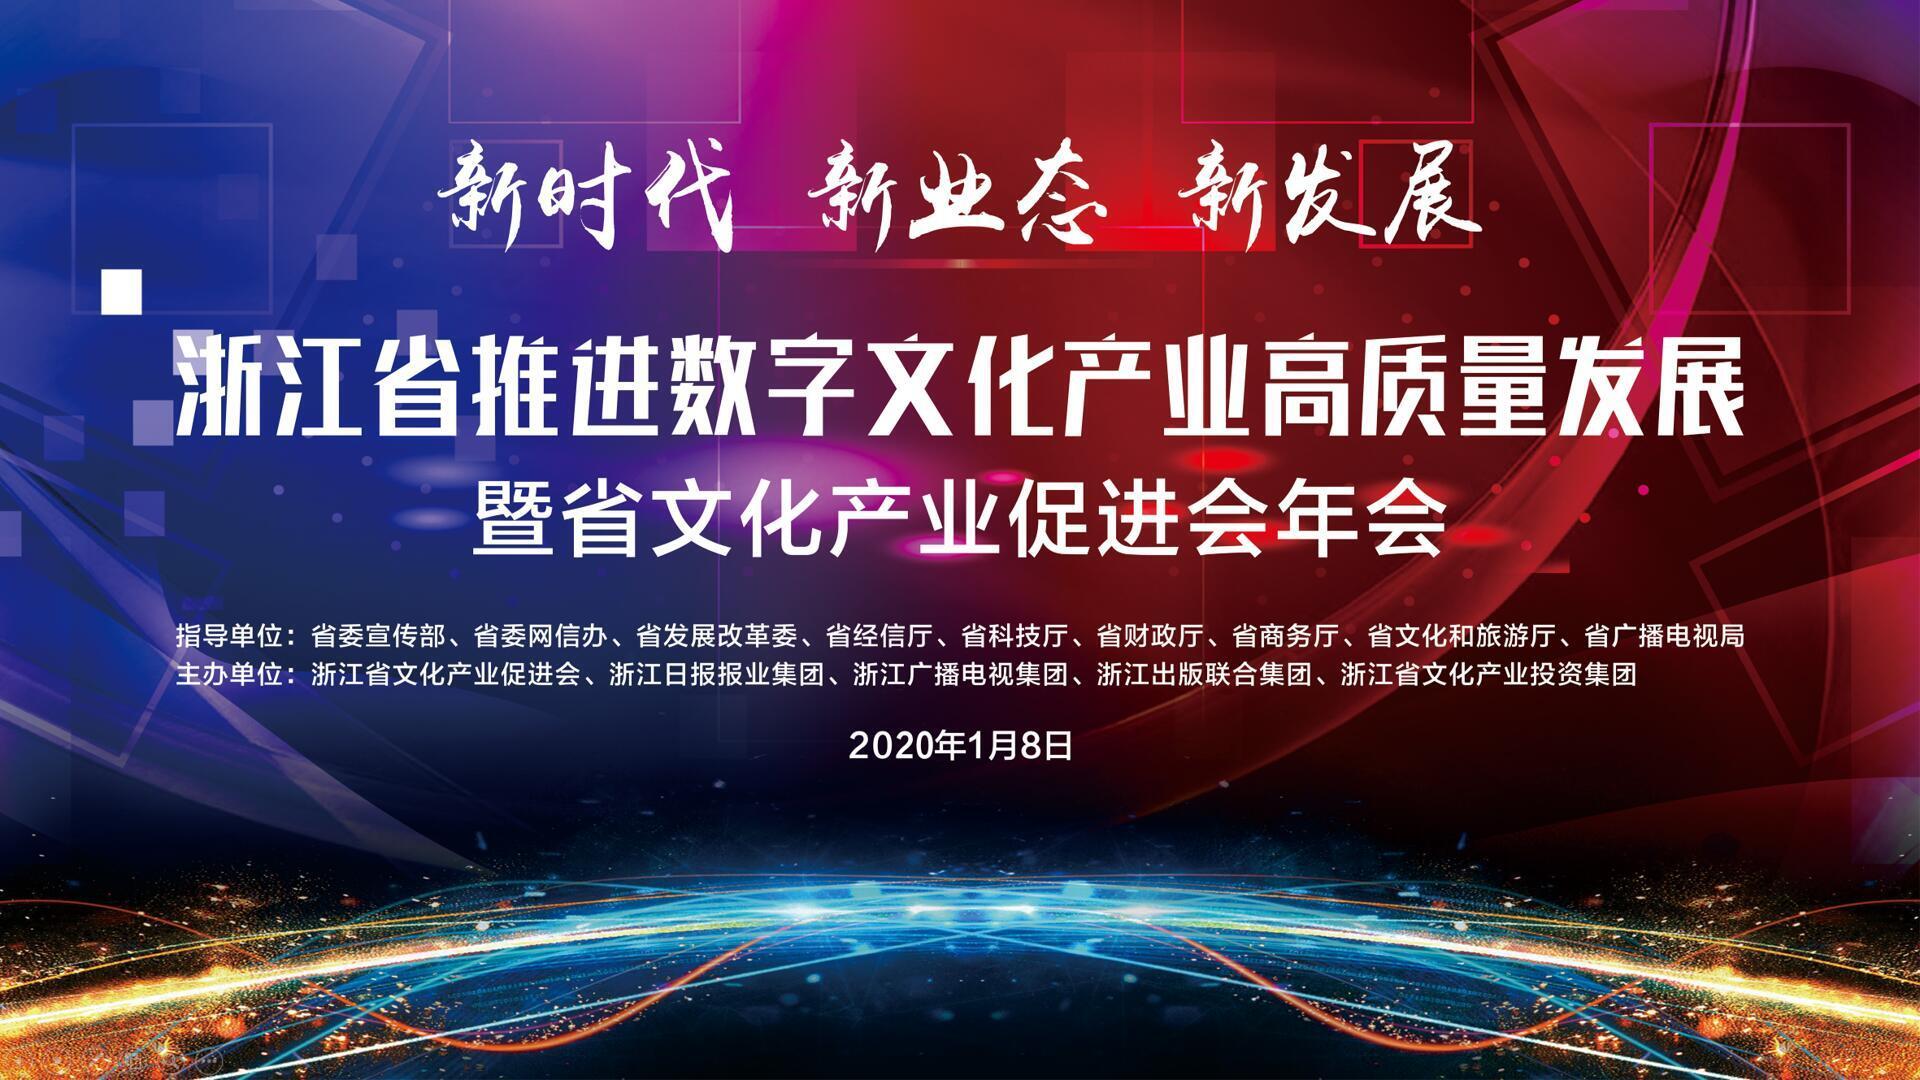 【專題】浙江省推进数字文化产业高质量发展暨省文化产业促进会年会